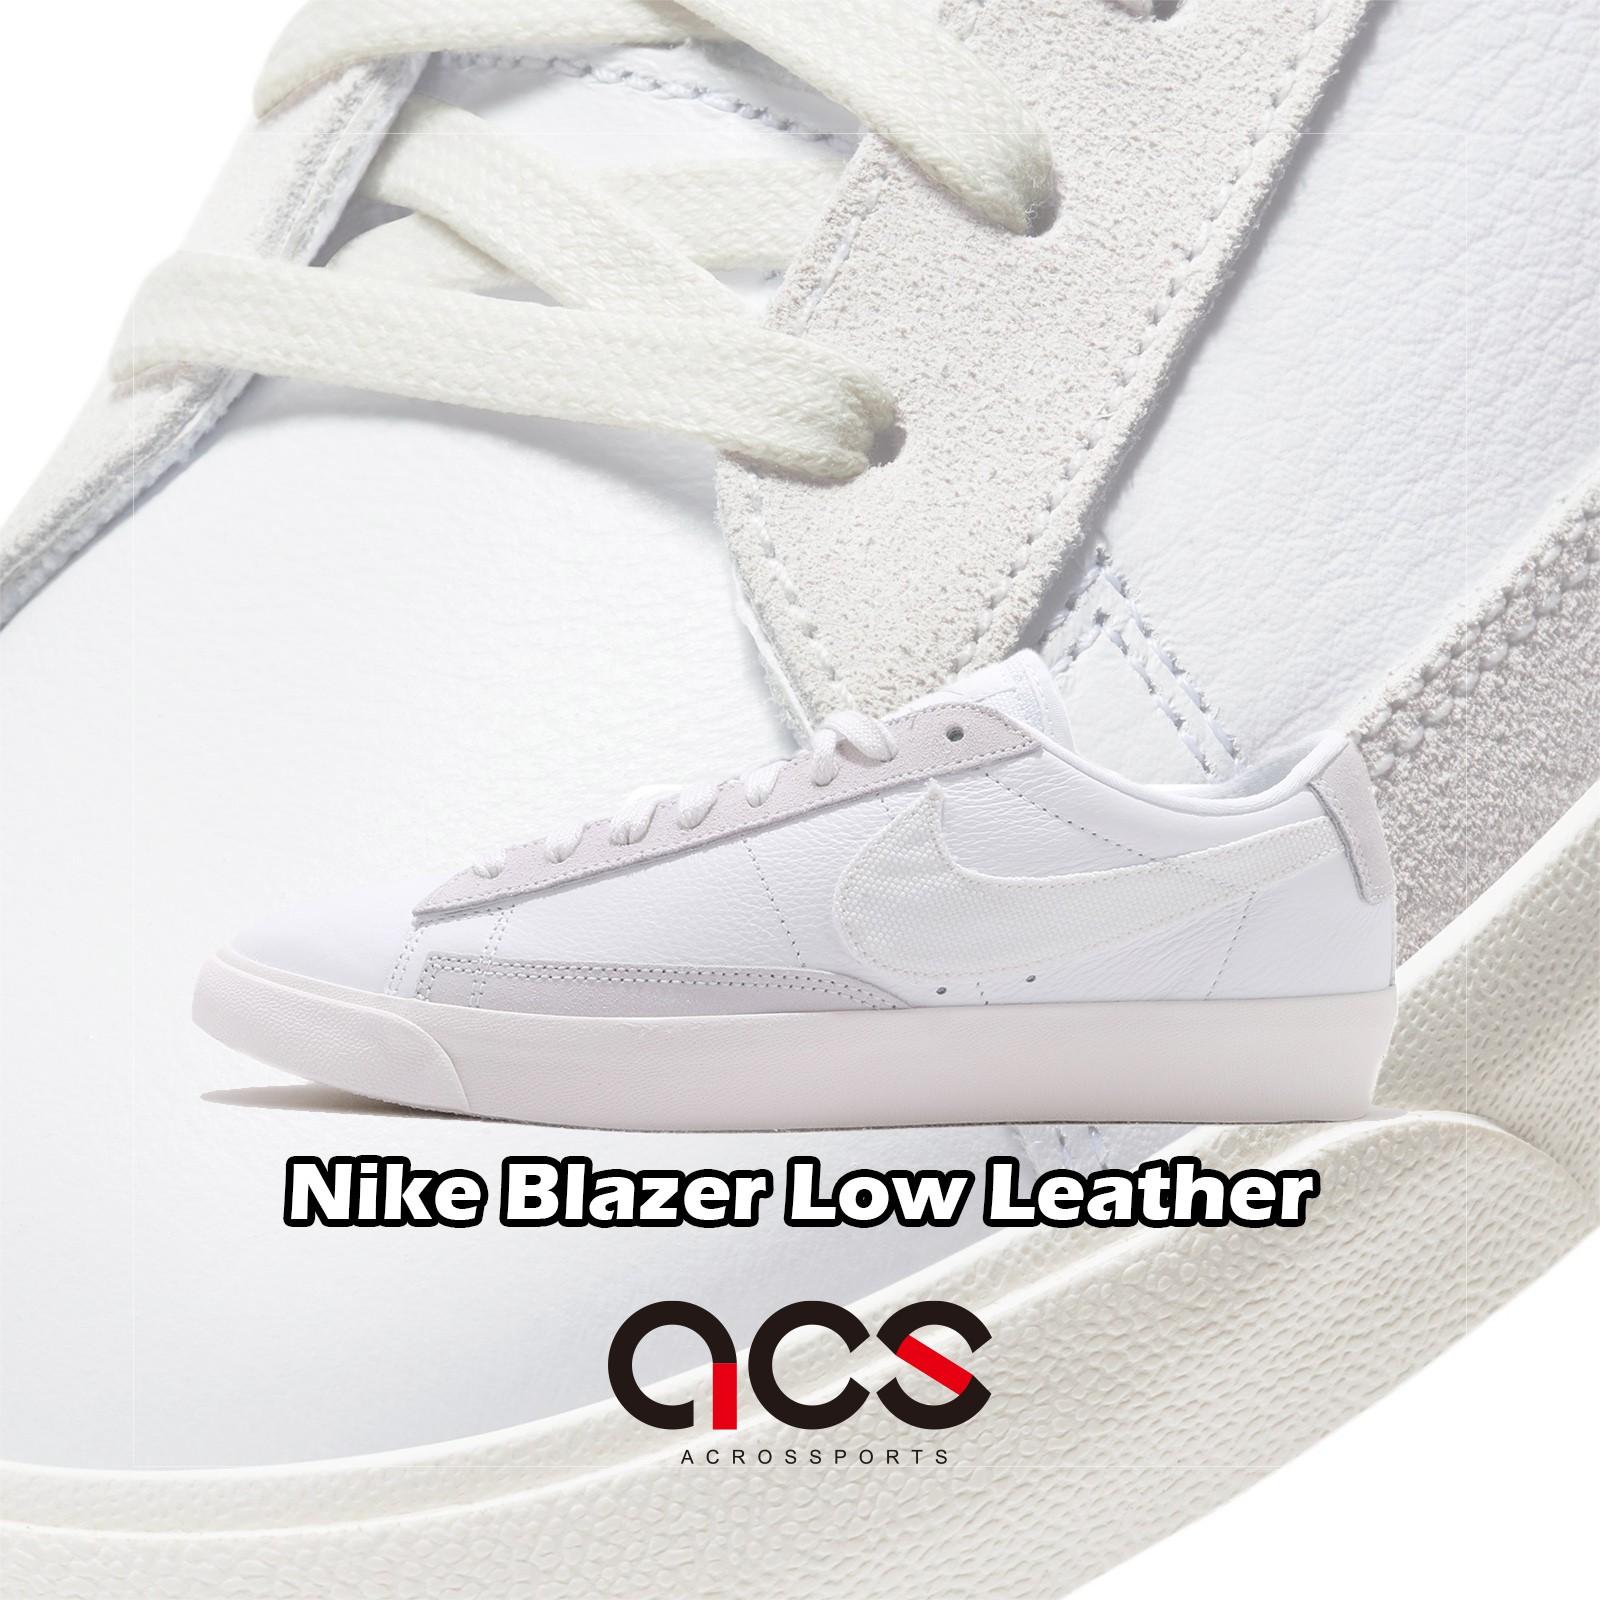 Nike 休閒鞋 Blazer Low Leather 白 灰 皮革 低筒 經典款 【ACS】 CW7585-100